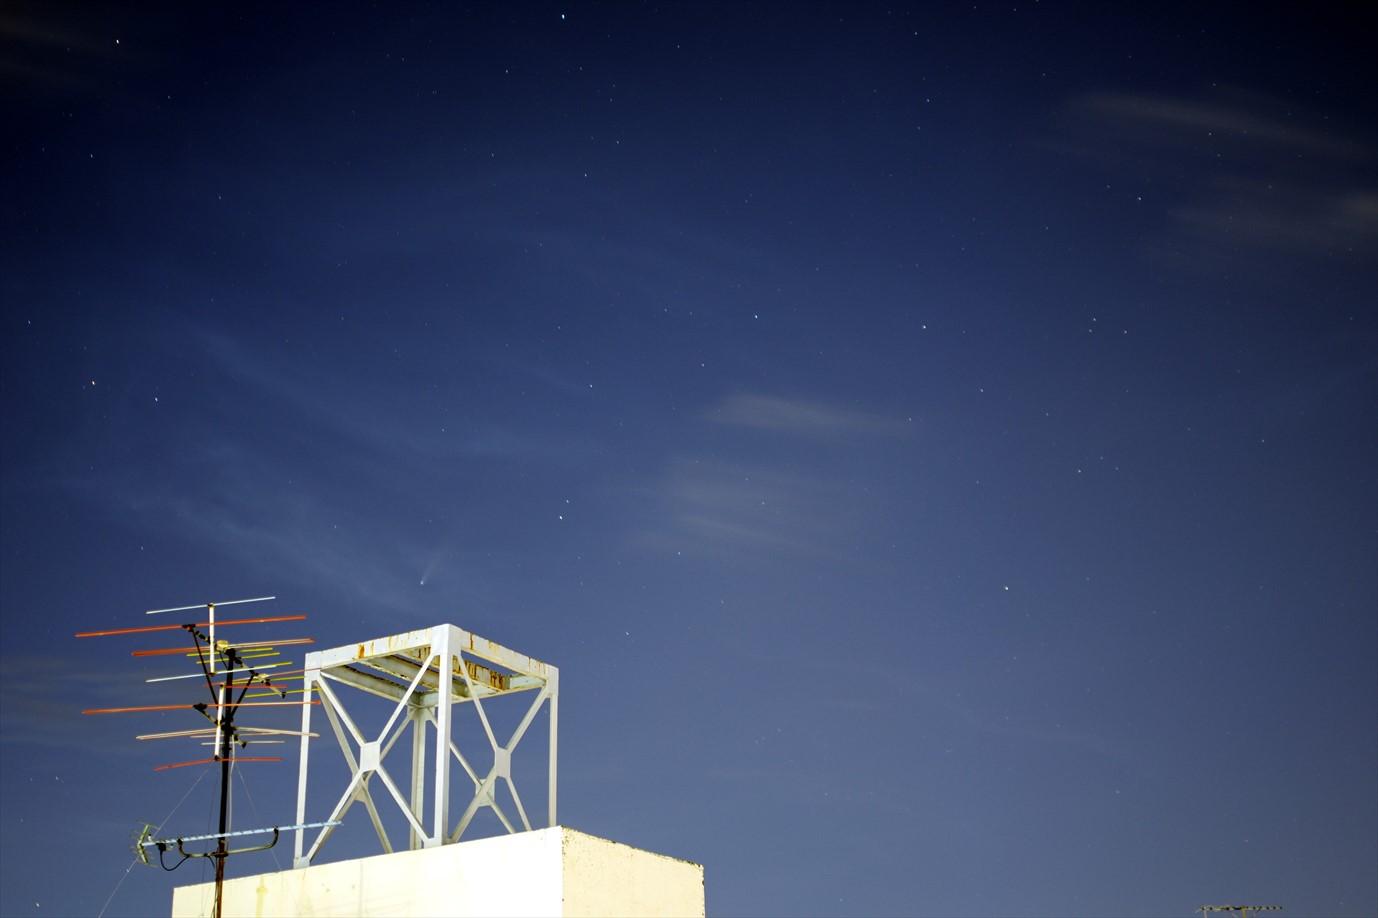 ネオワイズ彗星 2020年7月20日 20:25:44(35mm、f/2、25sec、ISO100)